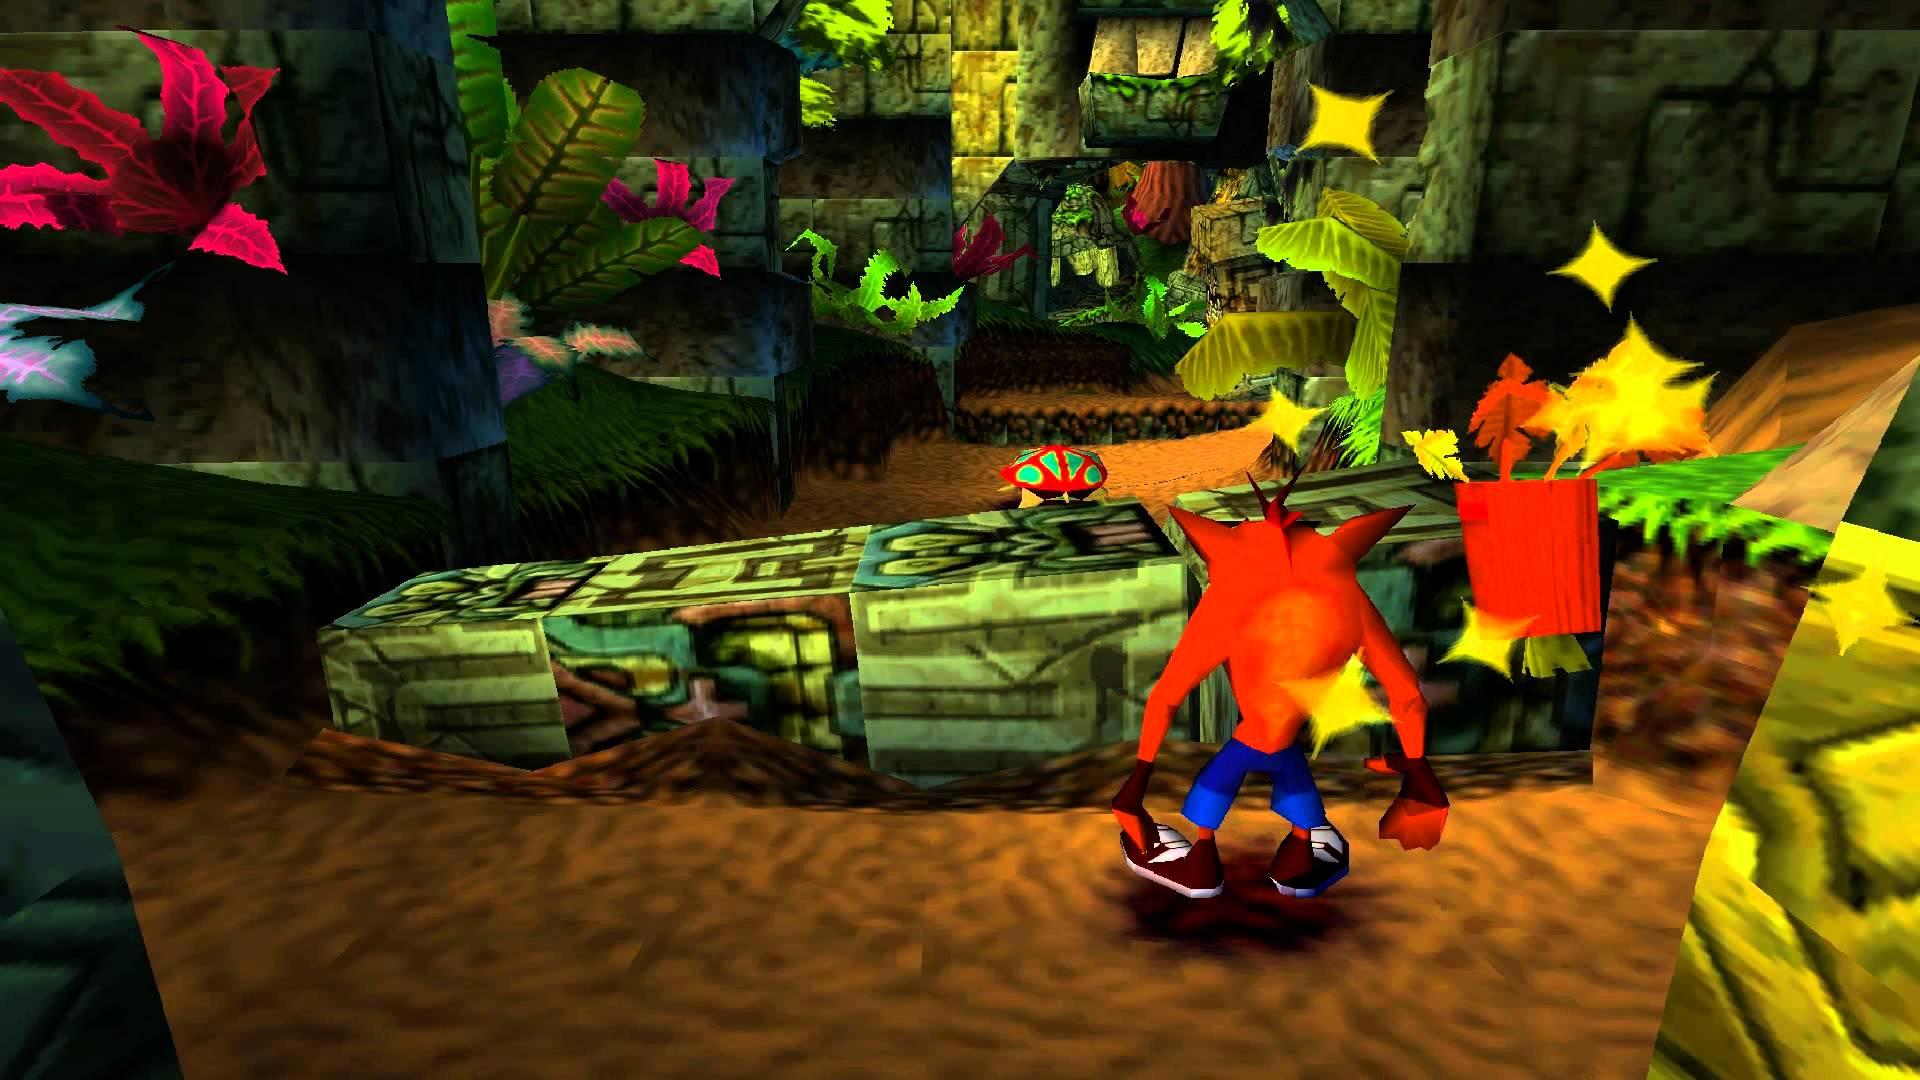 Crash Bandicoot presente en Uncharted 4